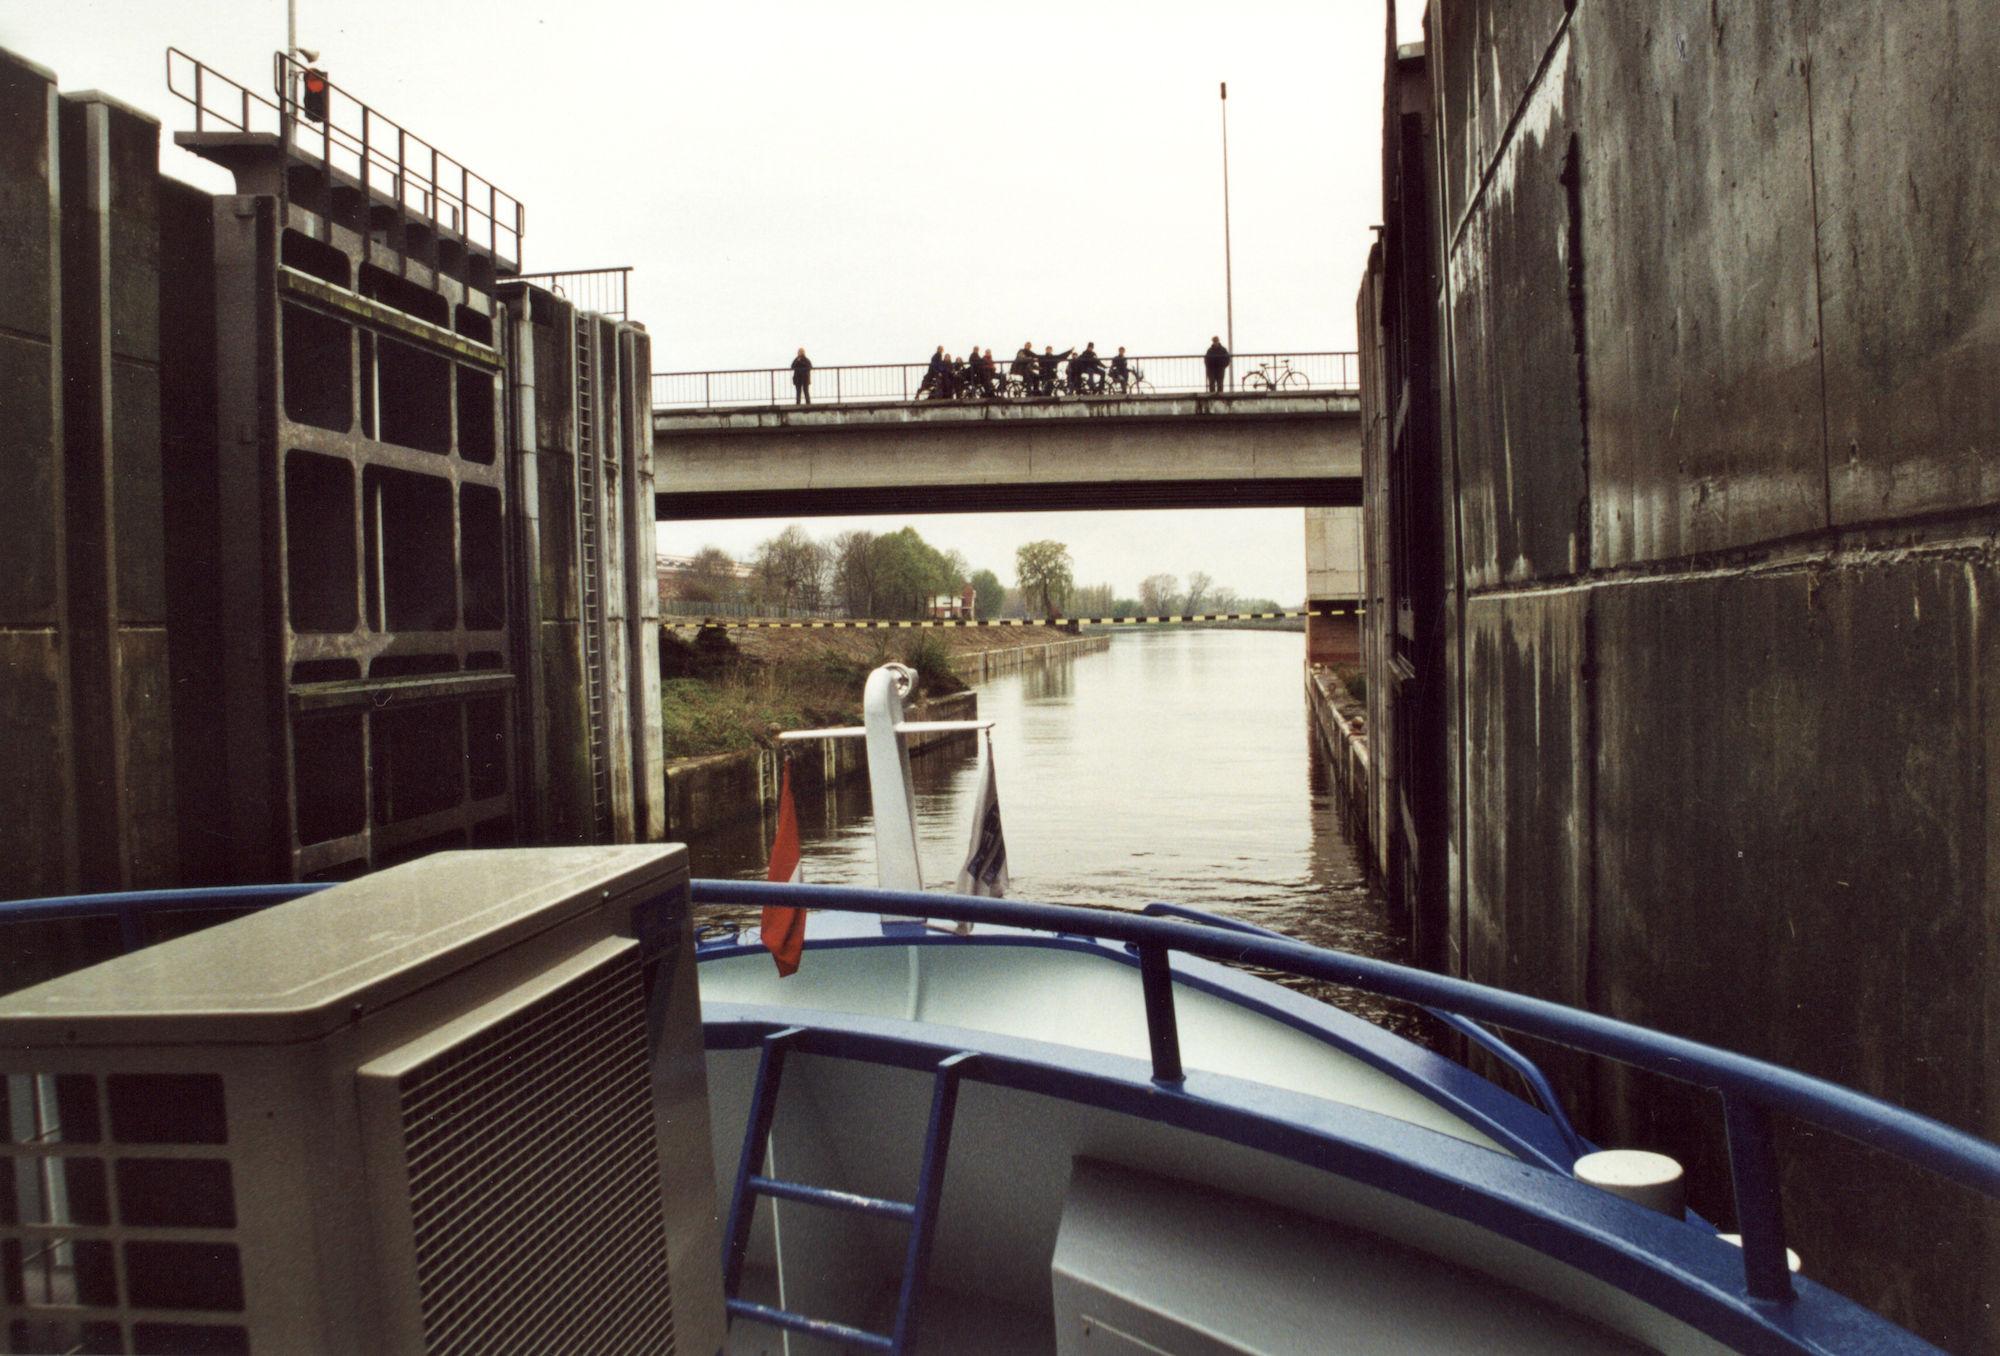 Officiële opening van de nieuwe sluis op het kanaal Bossuit-Kortrijk te Zwevegem 2001